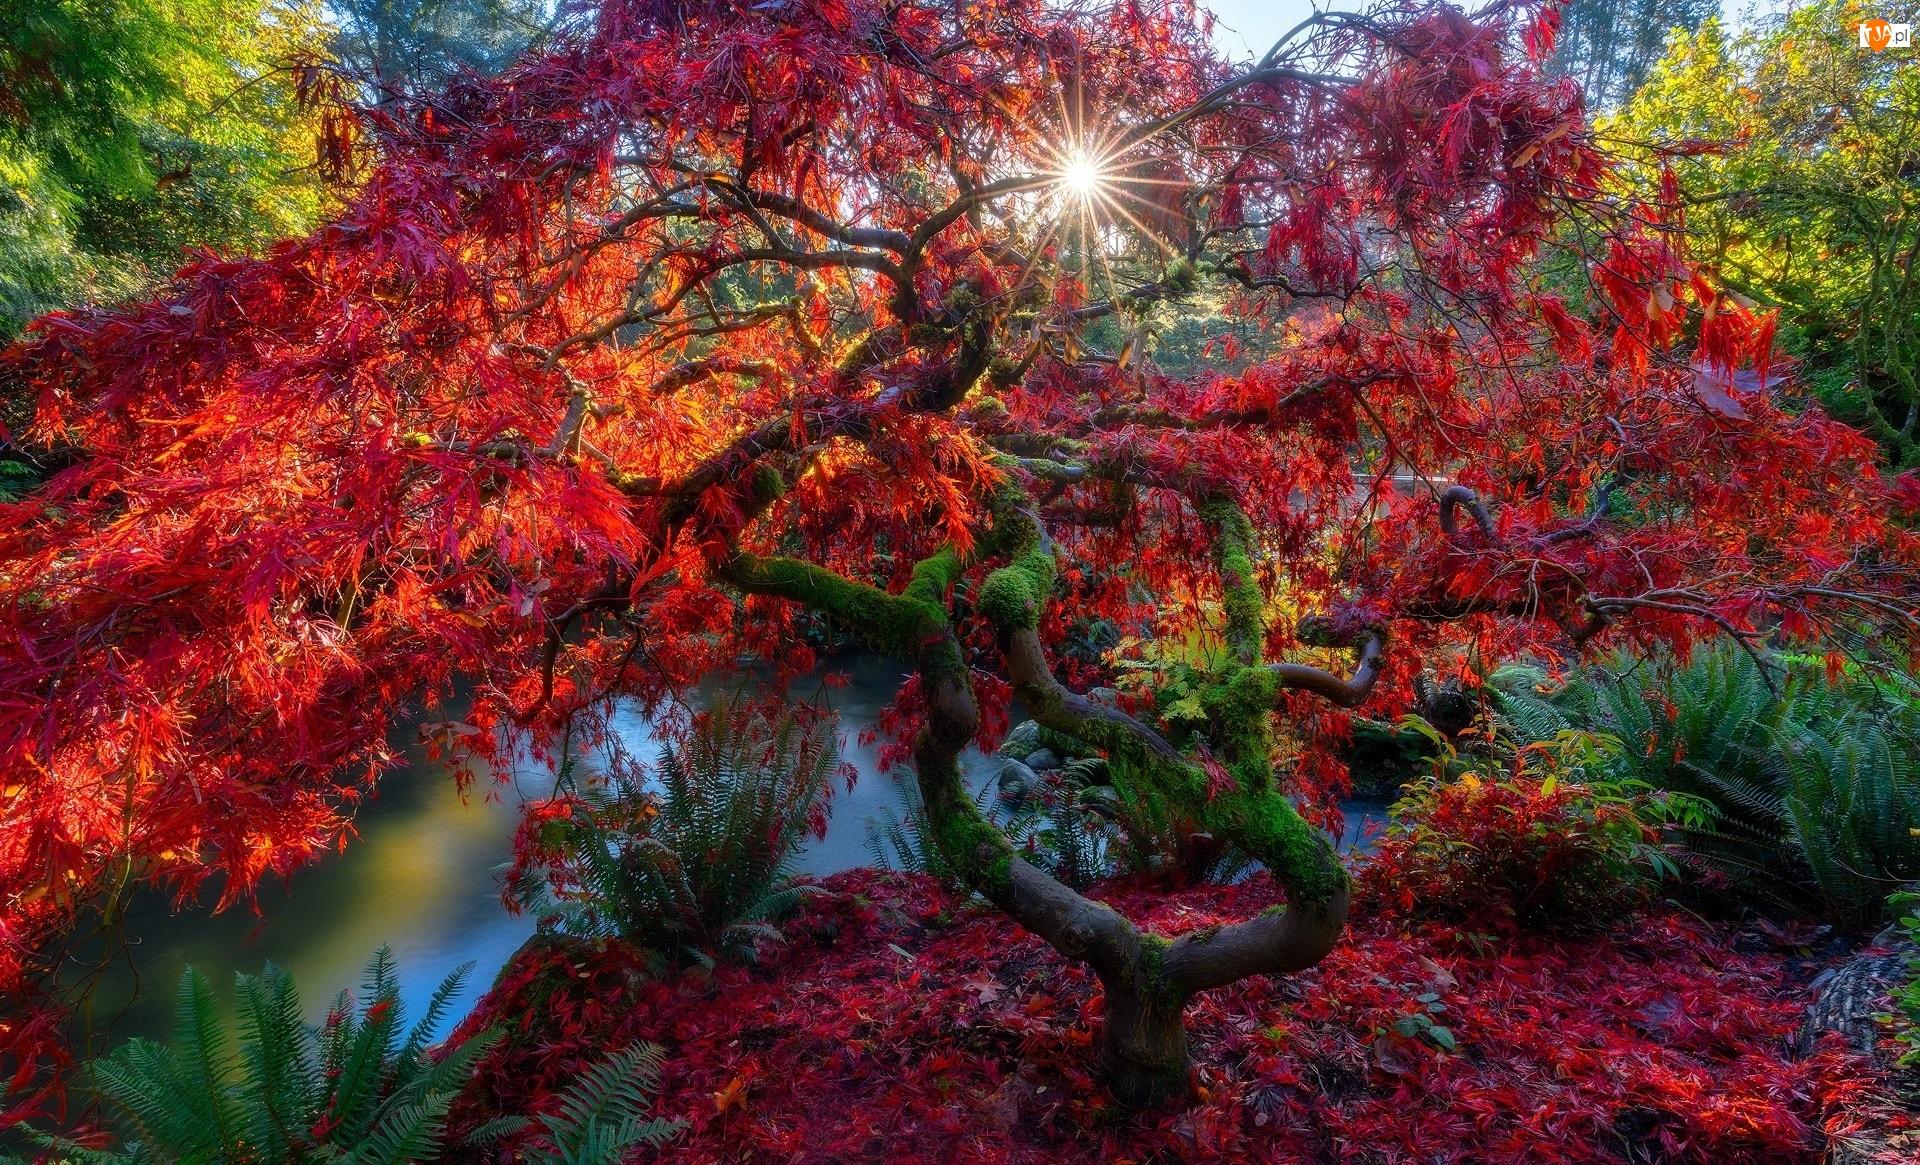 Jesień, Drzewo, Promienie słońca, Park, Staw, Klon japoński, Liście